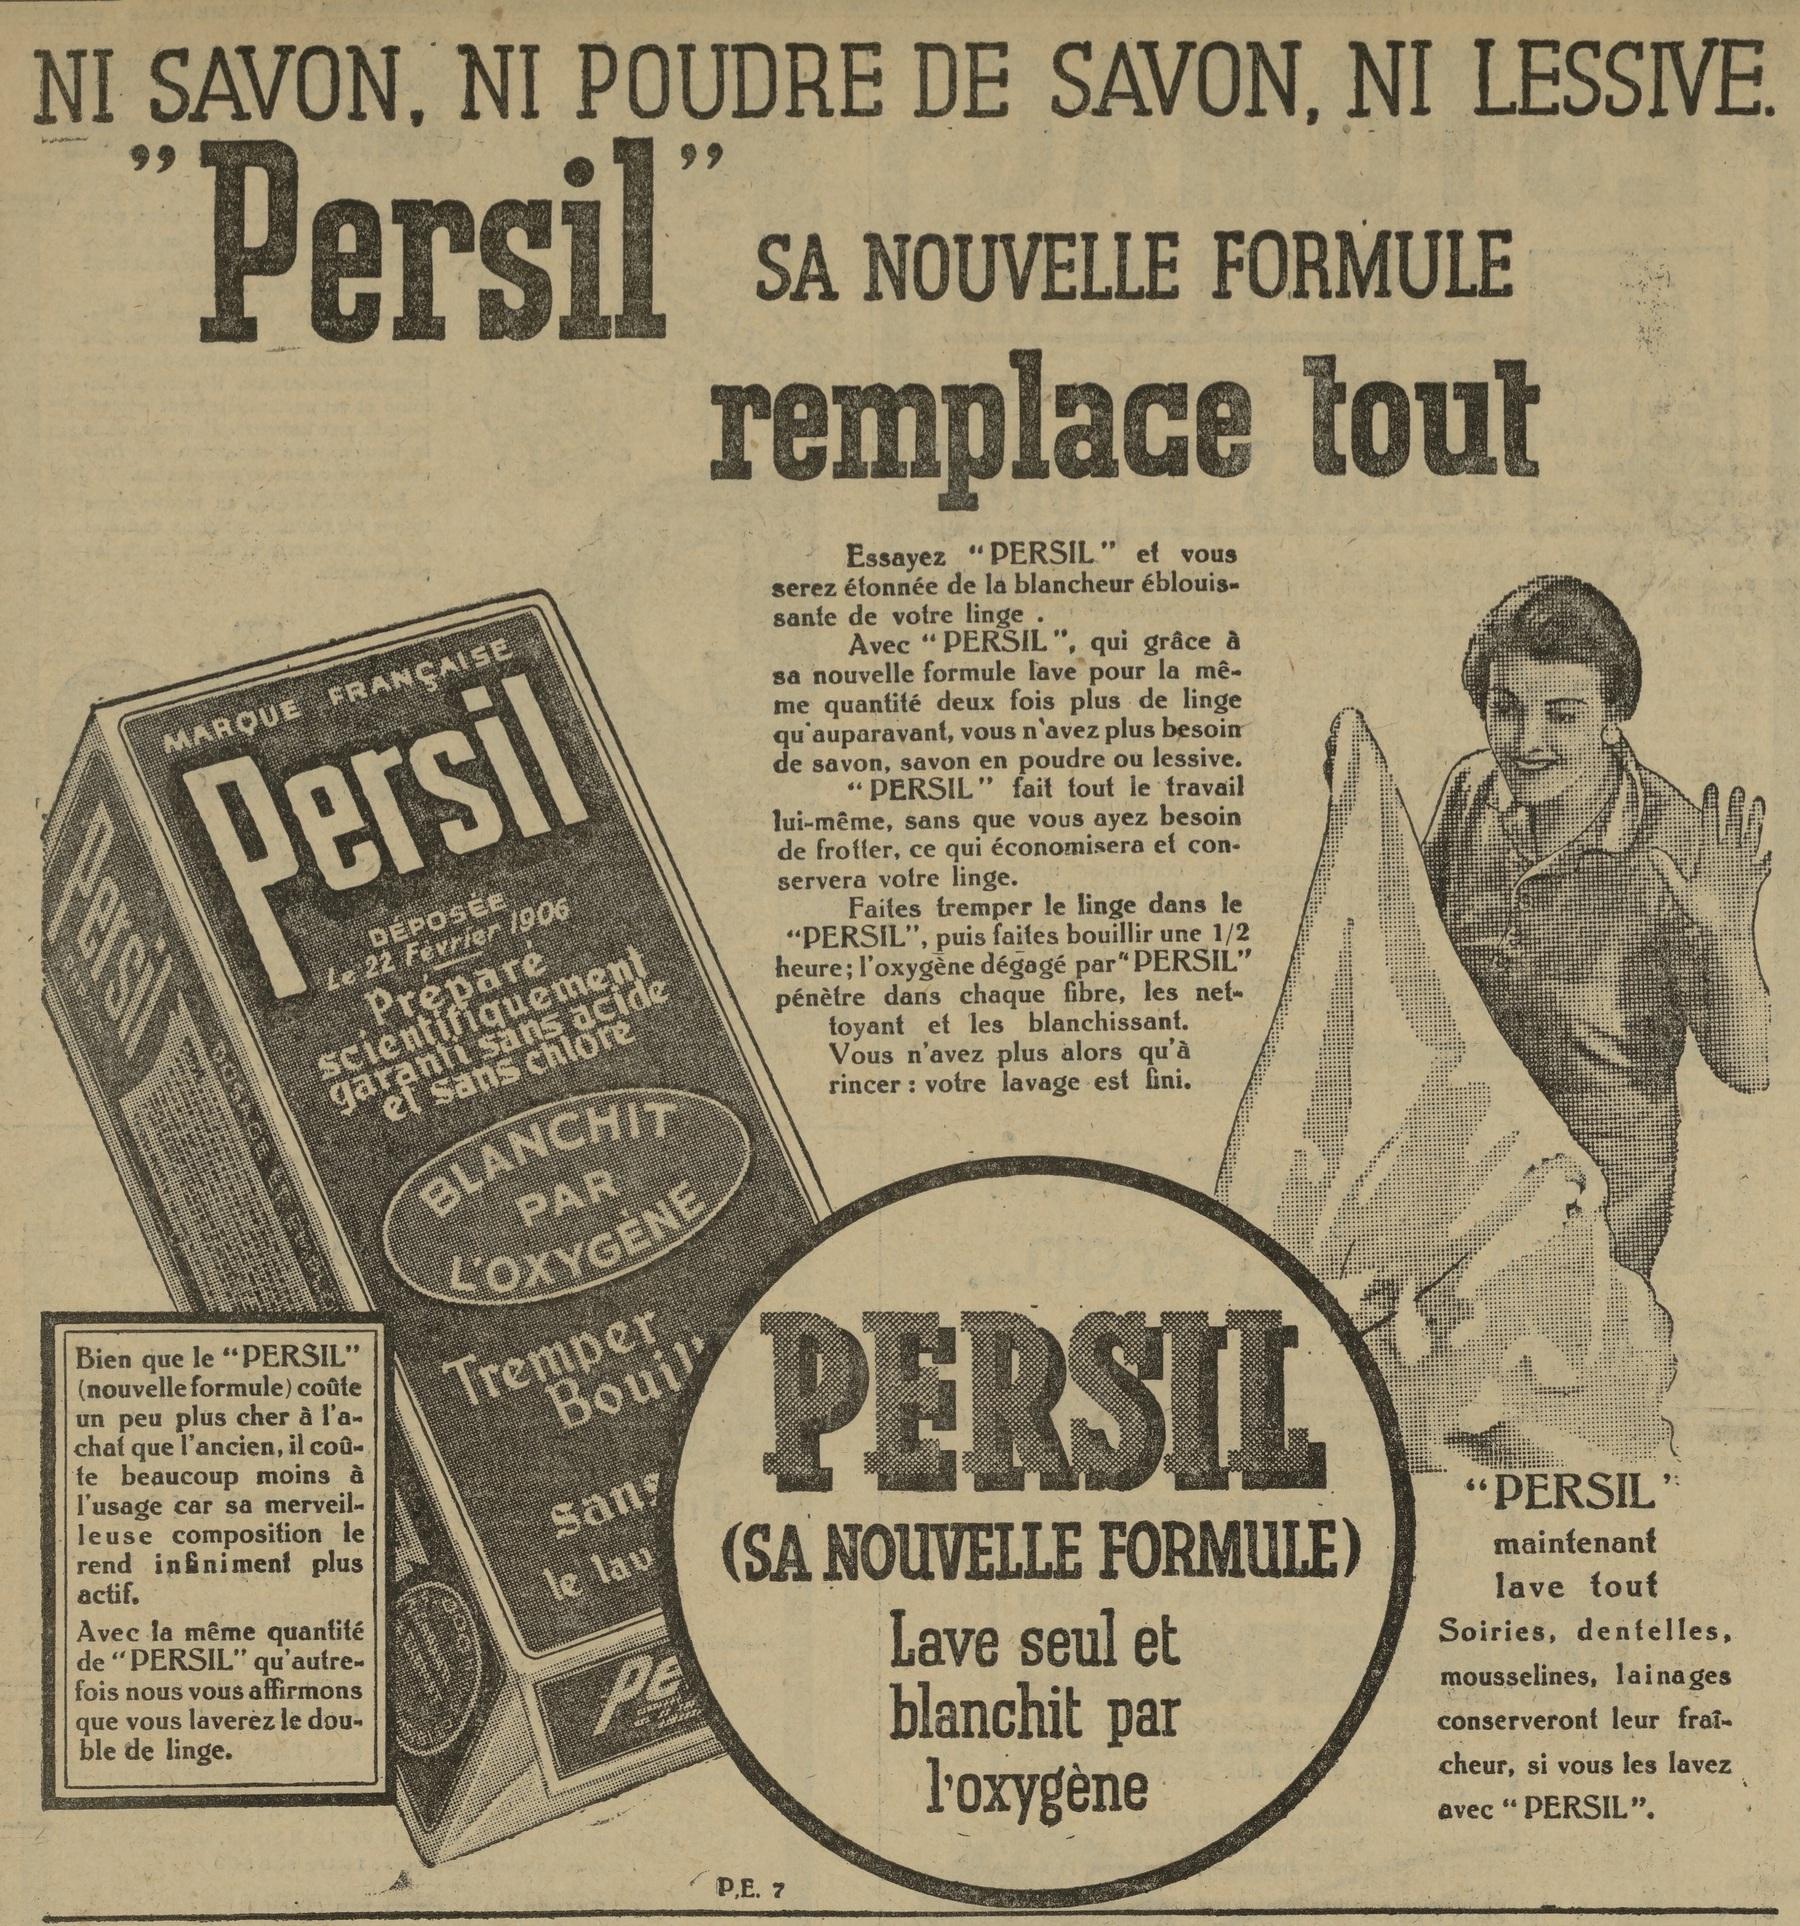 """Contenu du """"Persil"""" sa nouvelle formule remplace tout"""